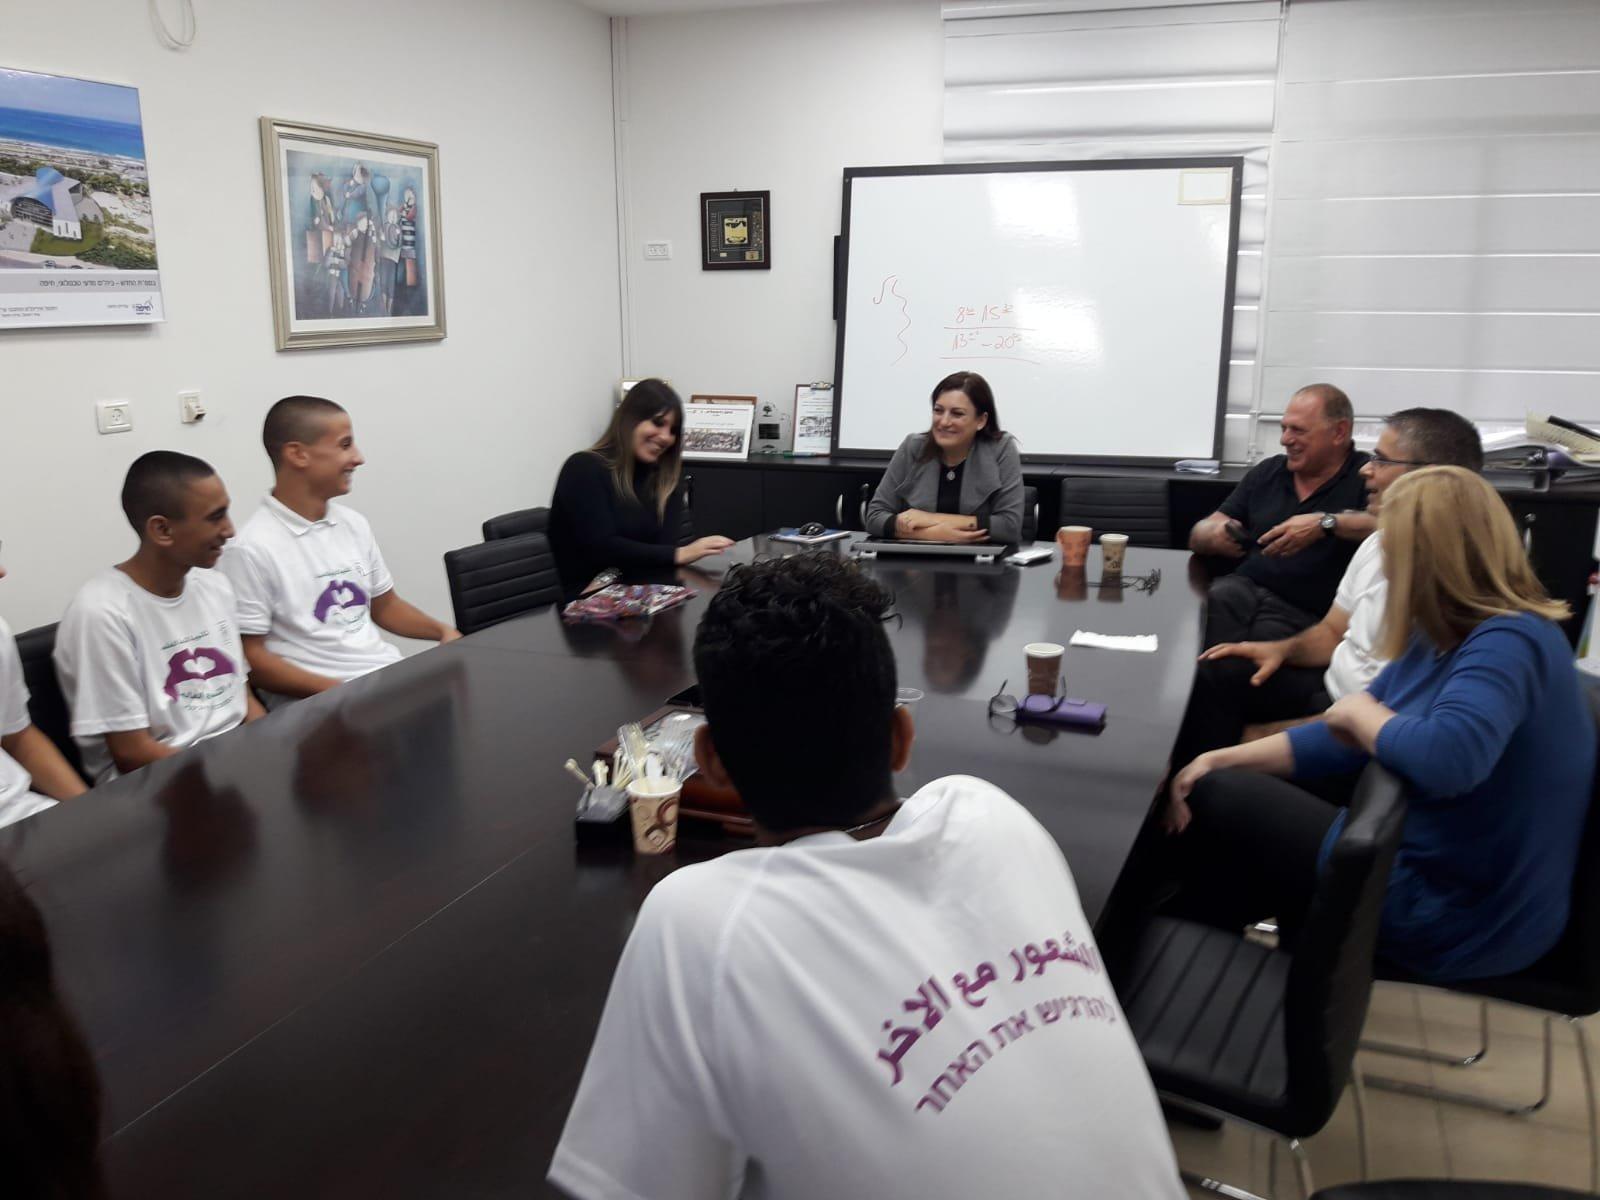 طلّاب ثانويّة الكرمة العلميّة في حيفا يزورون قسم المعارف ببلديّة حيفا   ويقدّمون الهدايا بمناسبة يوم التّسامح